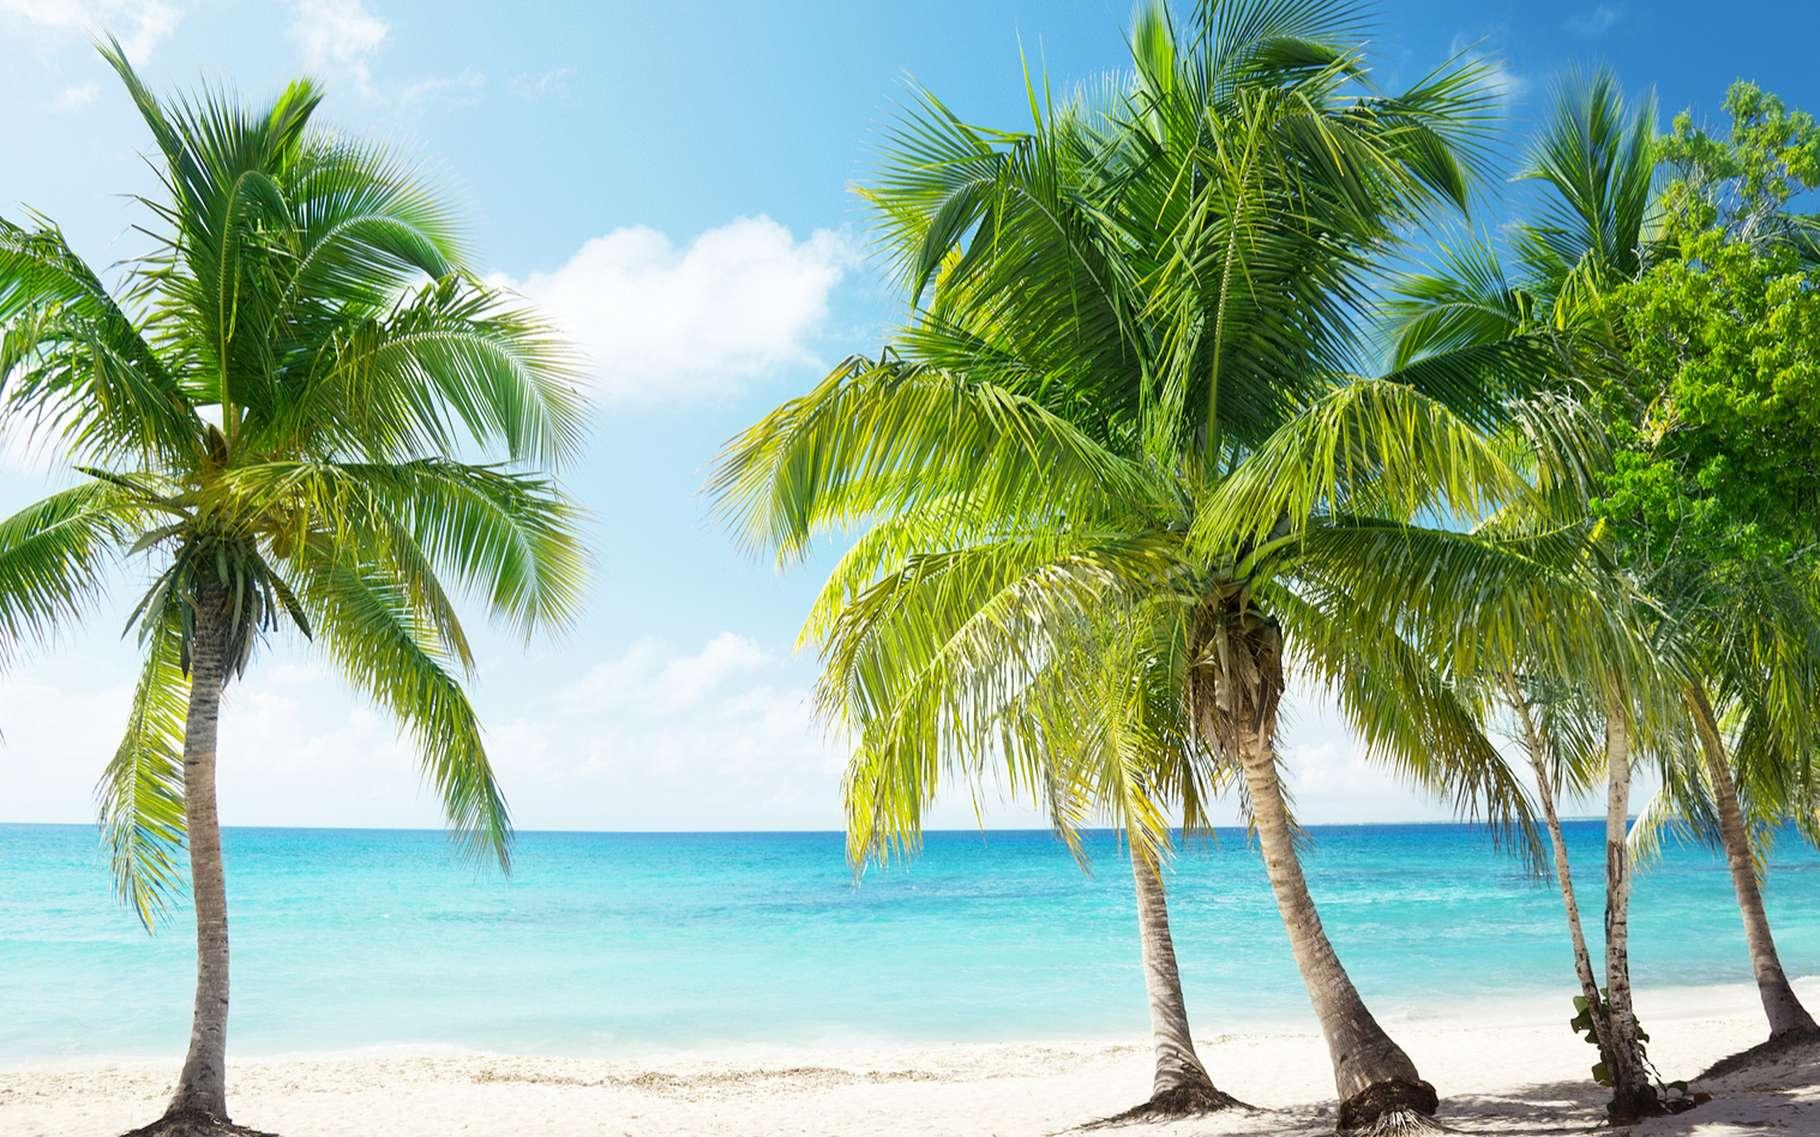 Cocotiers et Caraïbes sont devenus indissociables depuis l'introduction de la culture de la noix de coco il y a cinq siècles. © Iakov Kalinin, Shutterstock